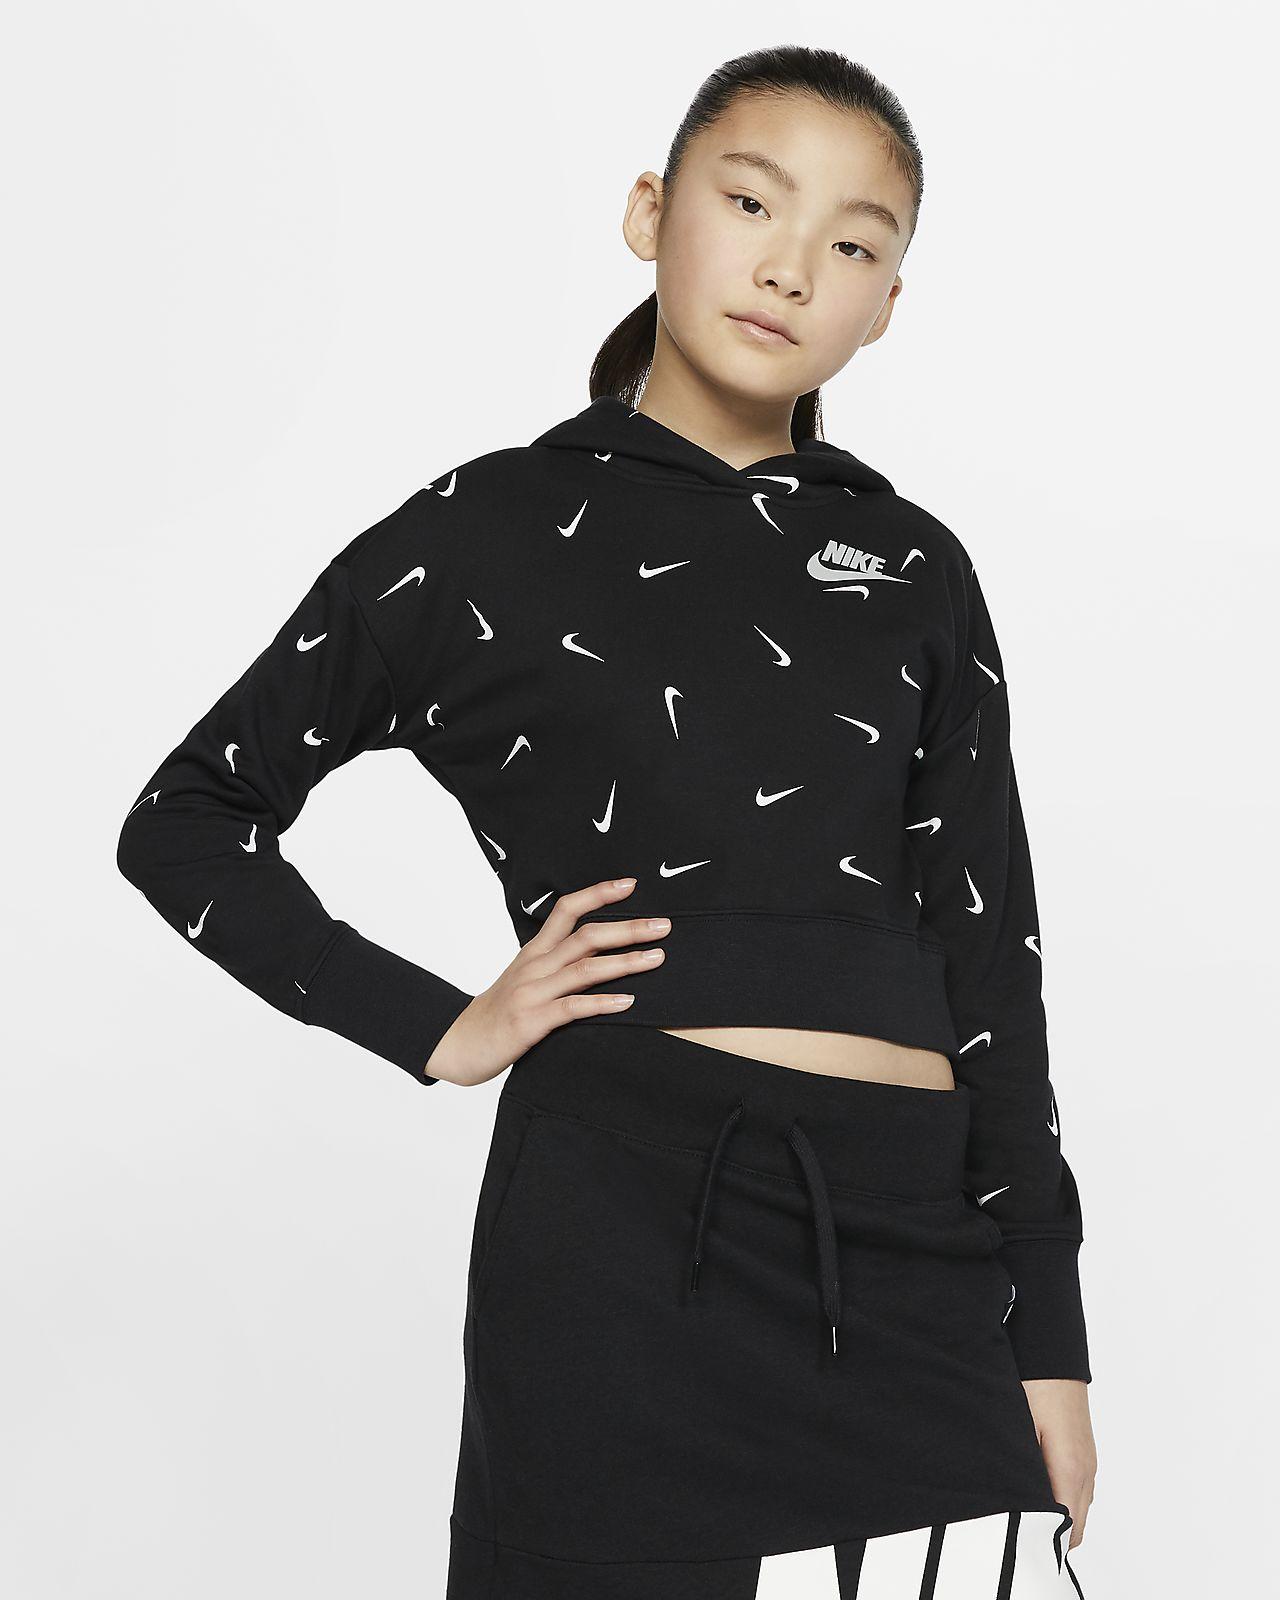 Kort huvtröja Nike Sportswear i frotté för ungdom (tjejer)